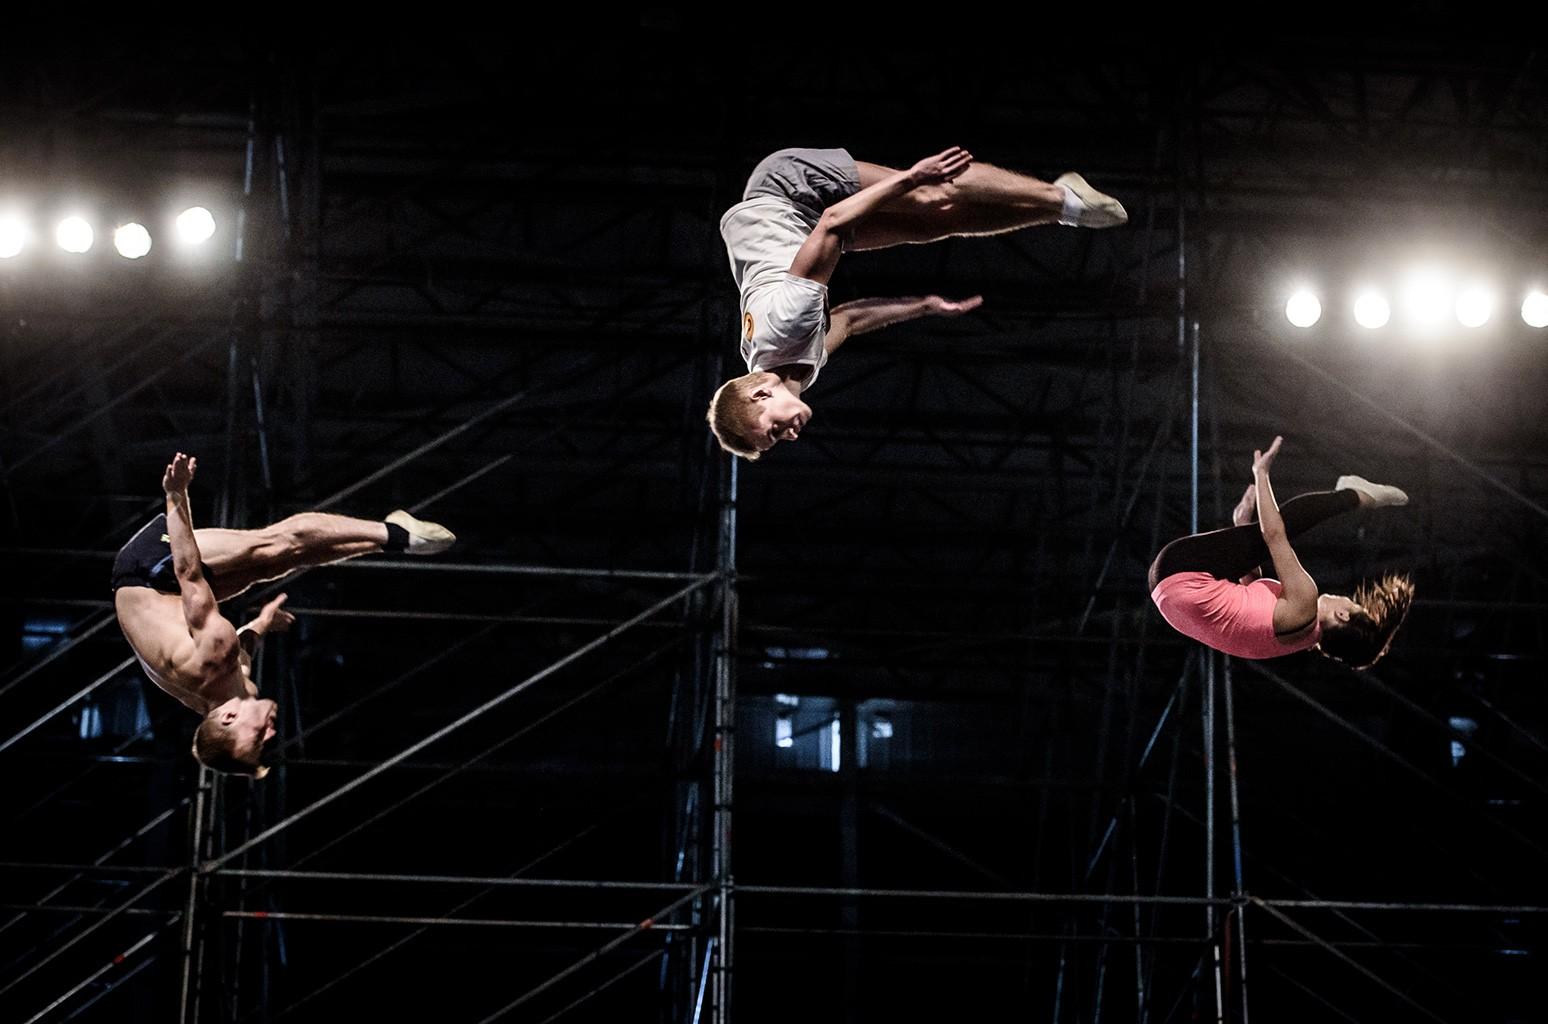 Cirque du Soleil SEP7IMO DIA